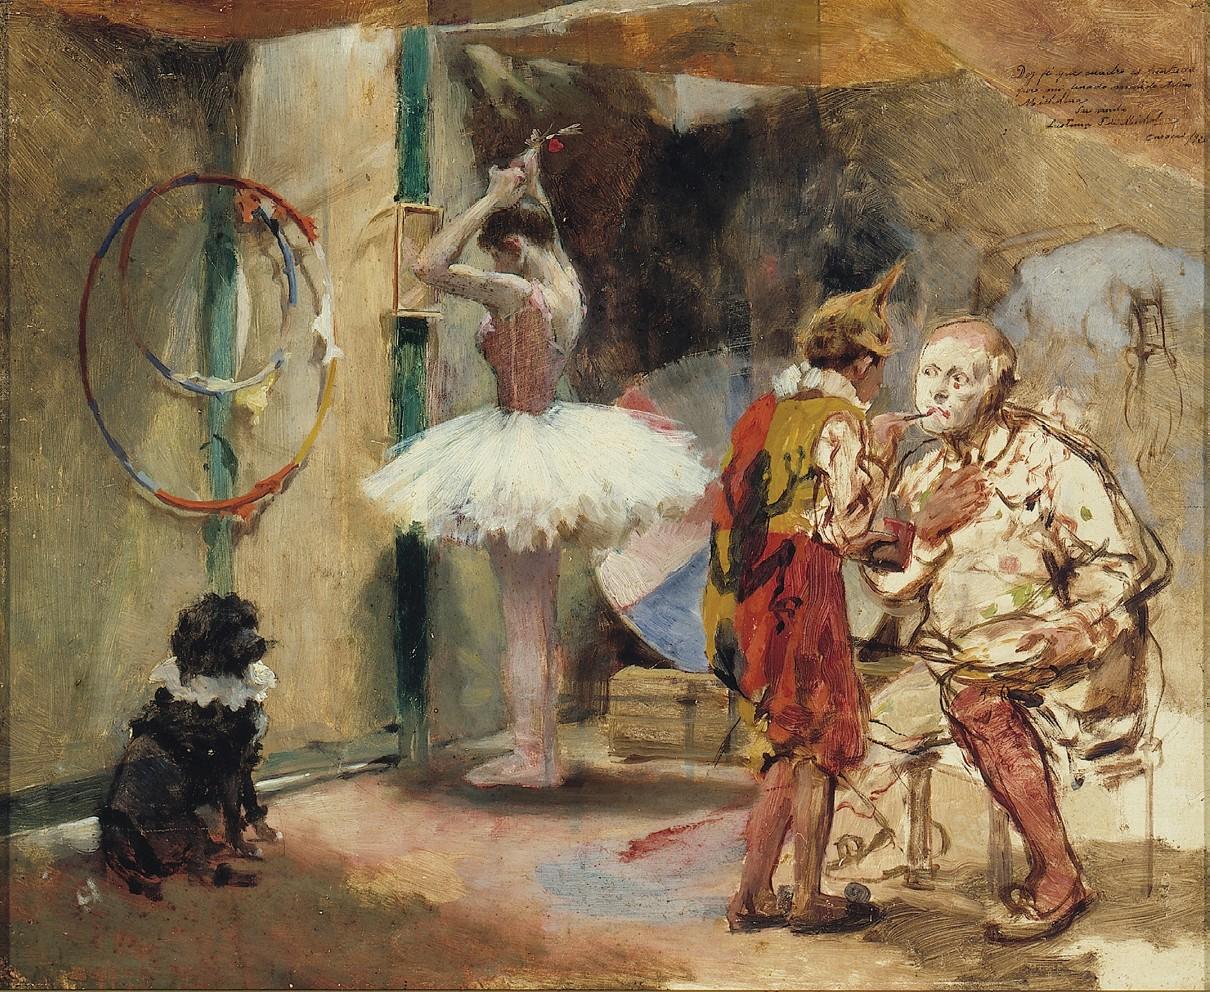 Zirkus um 1891, Gemälde von Arturo Michelena